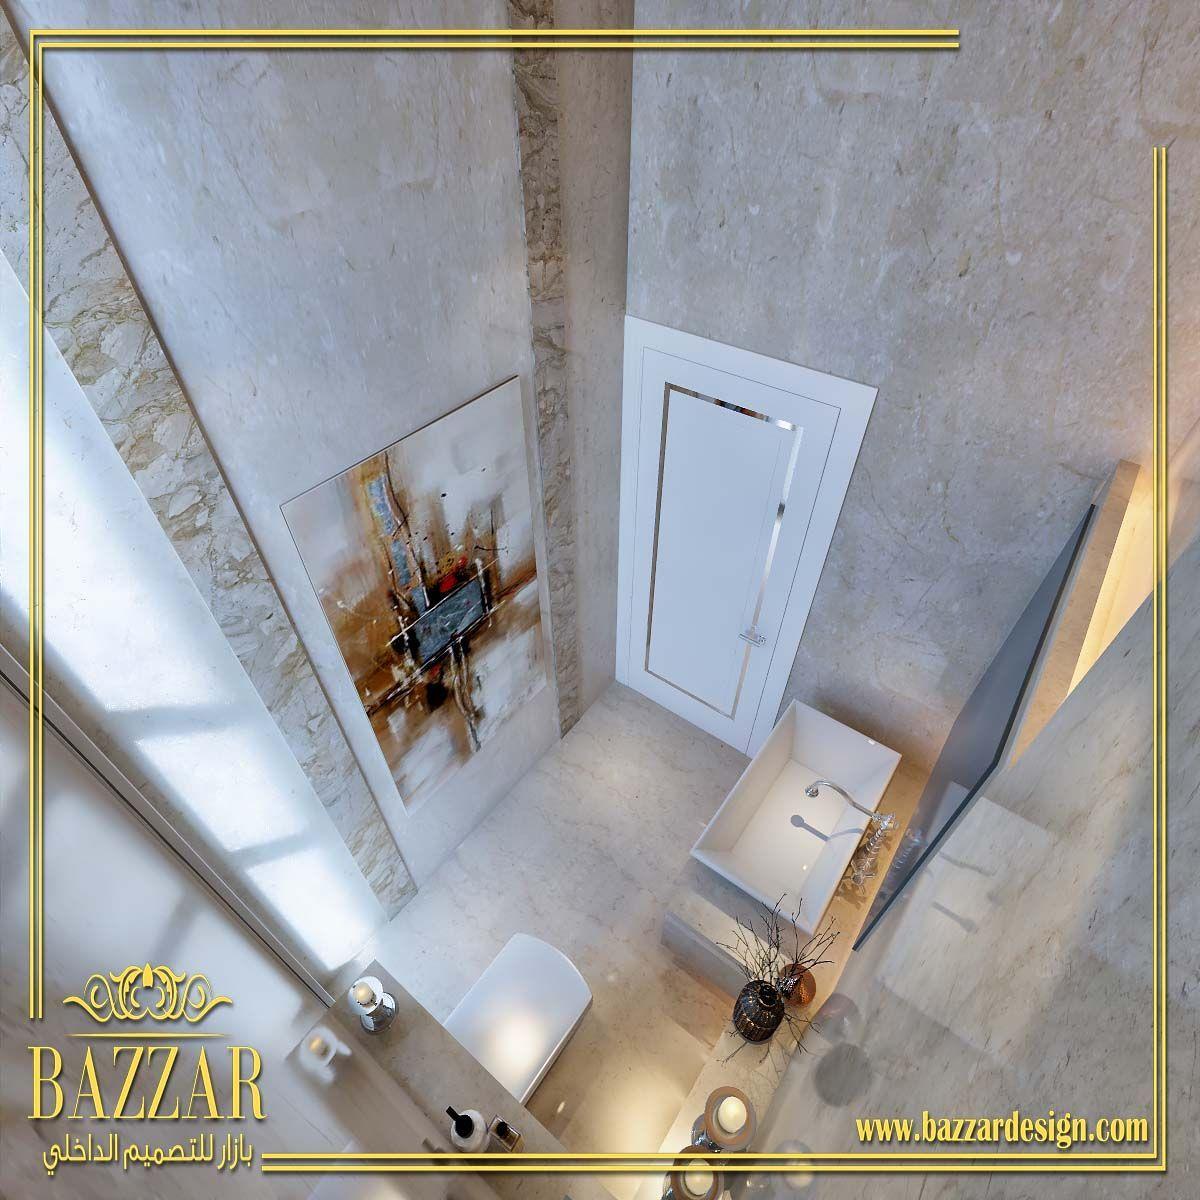 تصميم حمام مودرن تصميم ديكور حمامات فخمه تصميم حمام ذات الوان هادئه تصميم حمام صغ Bedroom Interior Design Luxury Bathroom Design Small Bathroom Renovation